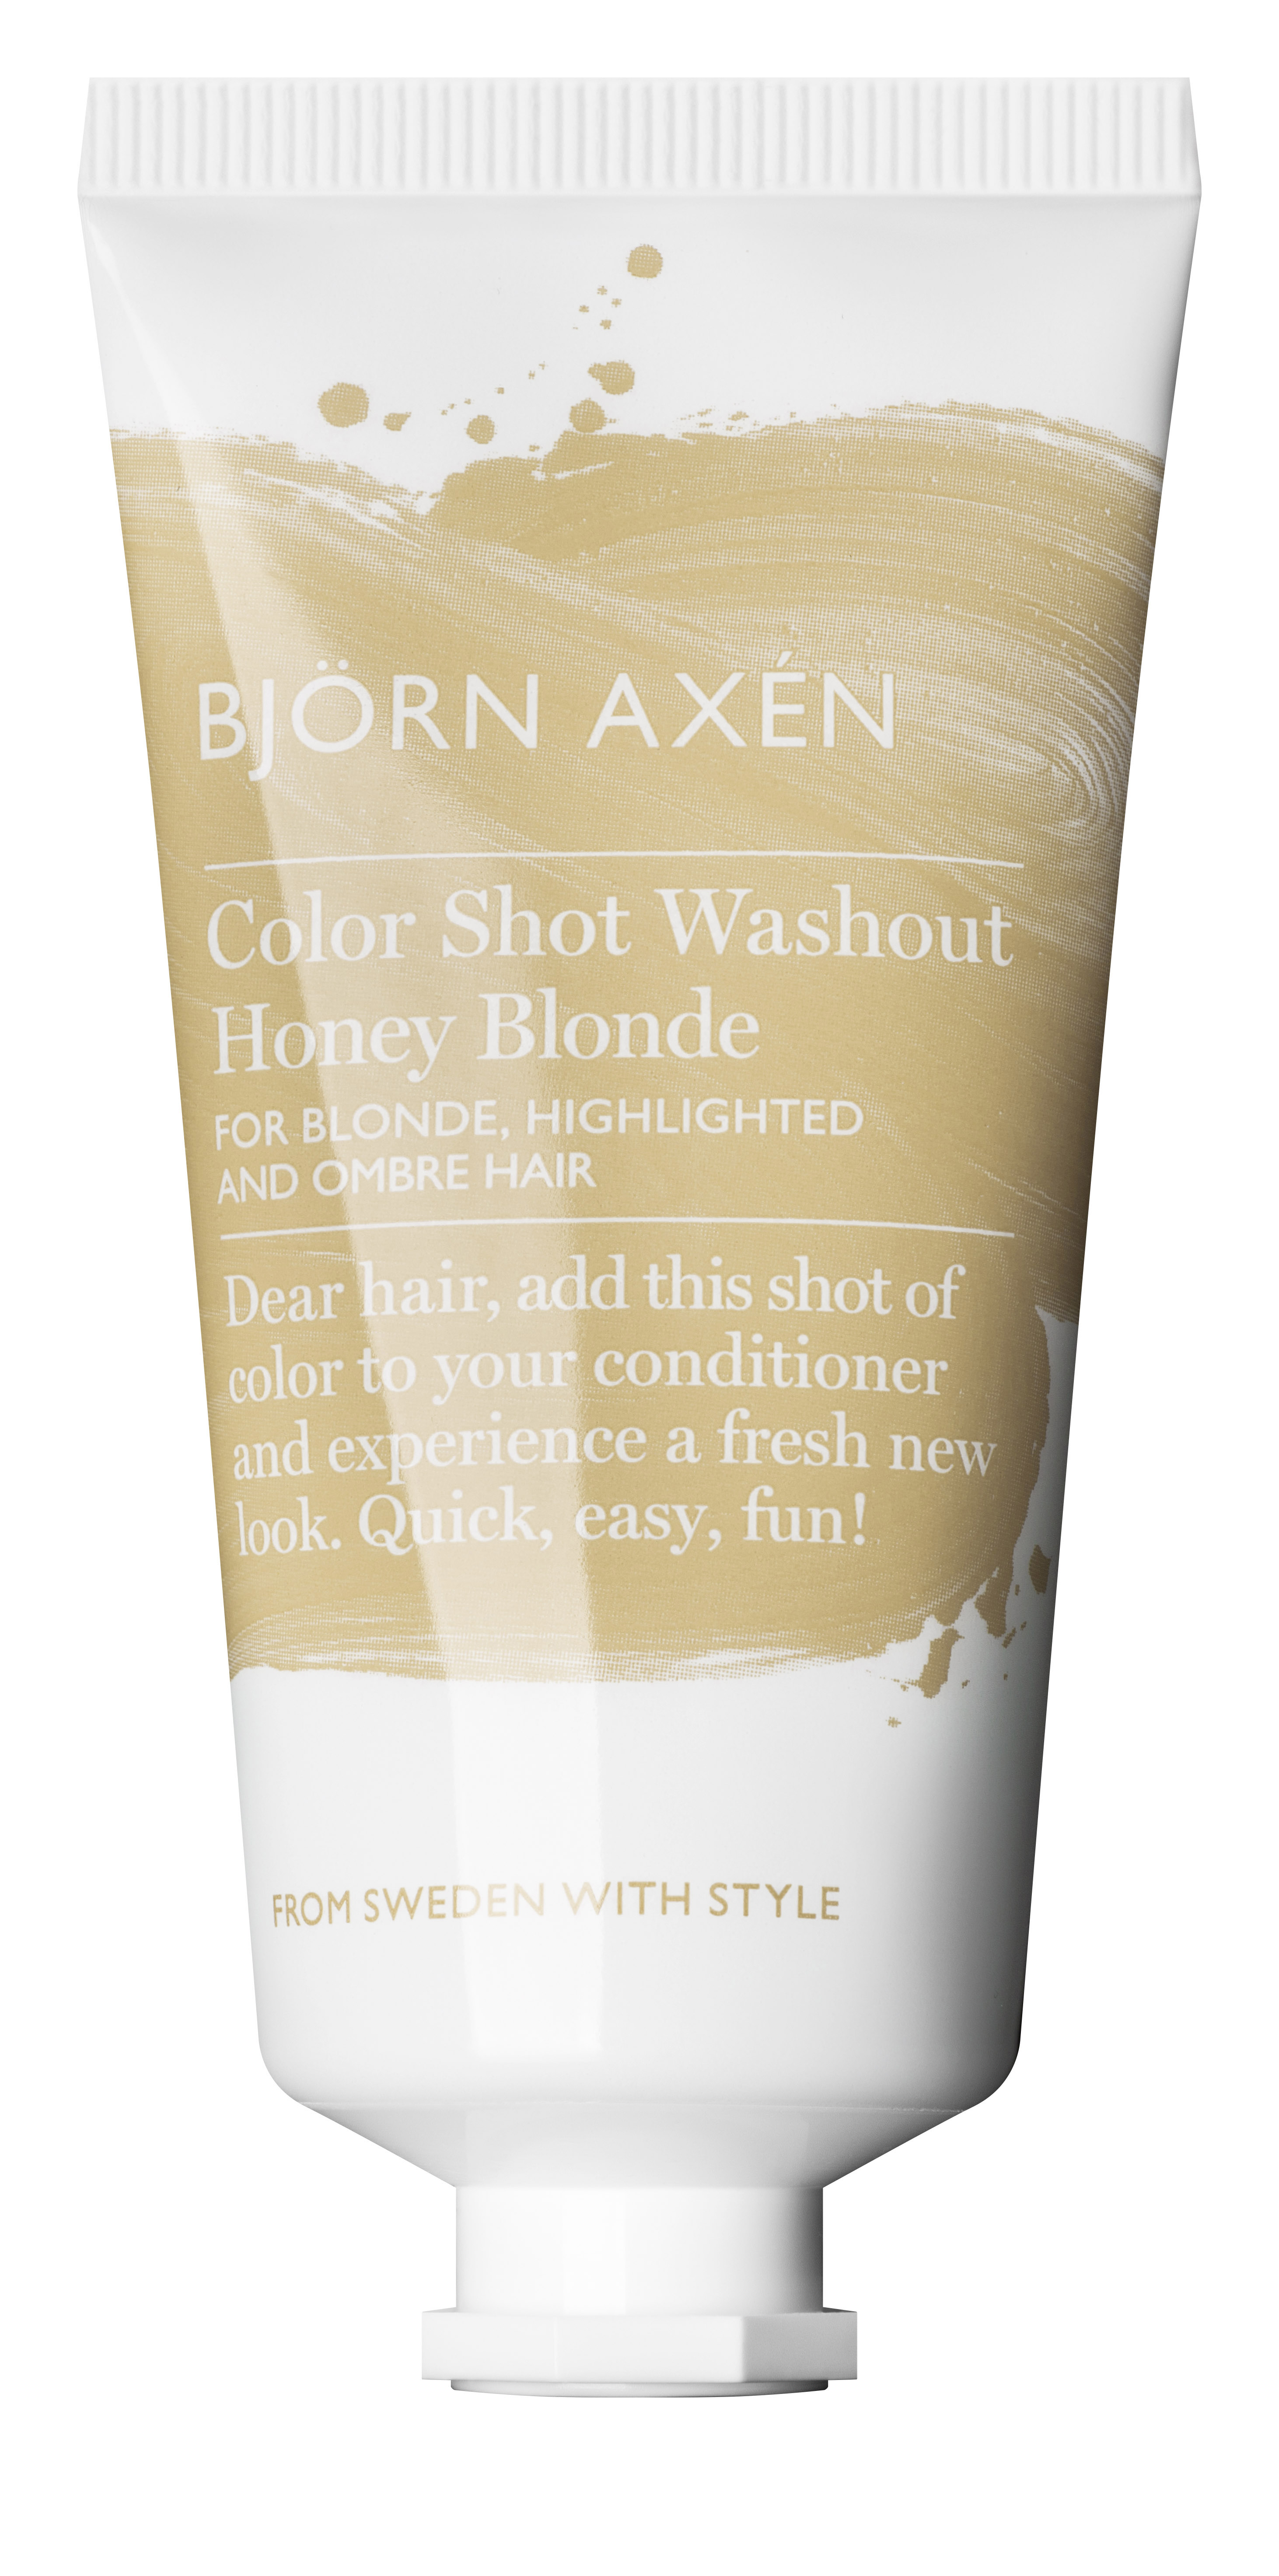 Color Shot Washout Honey Blonde